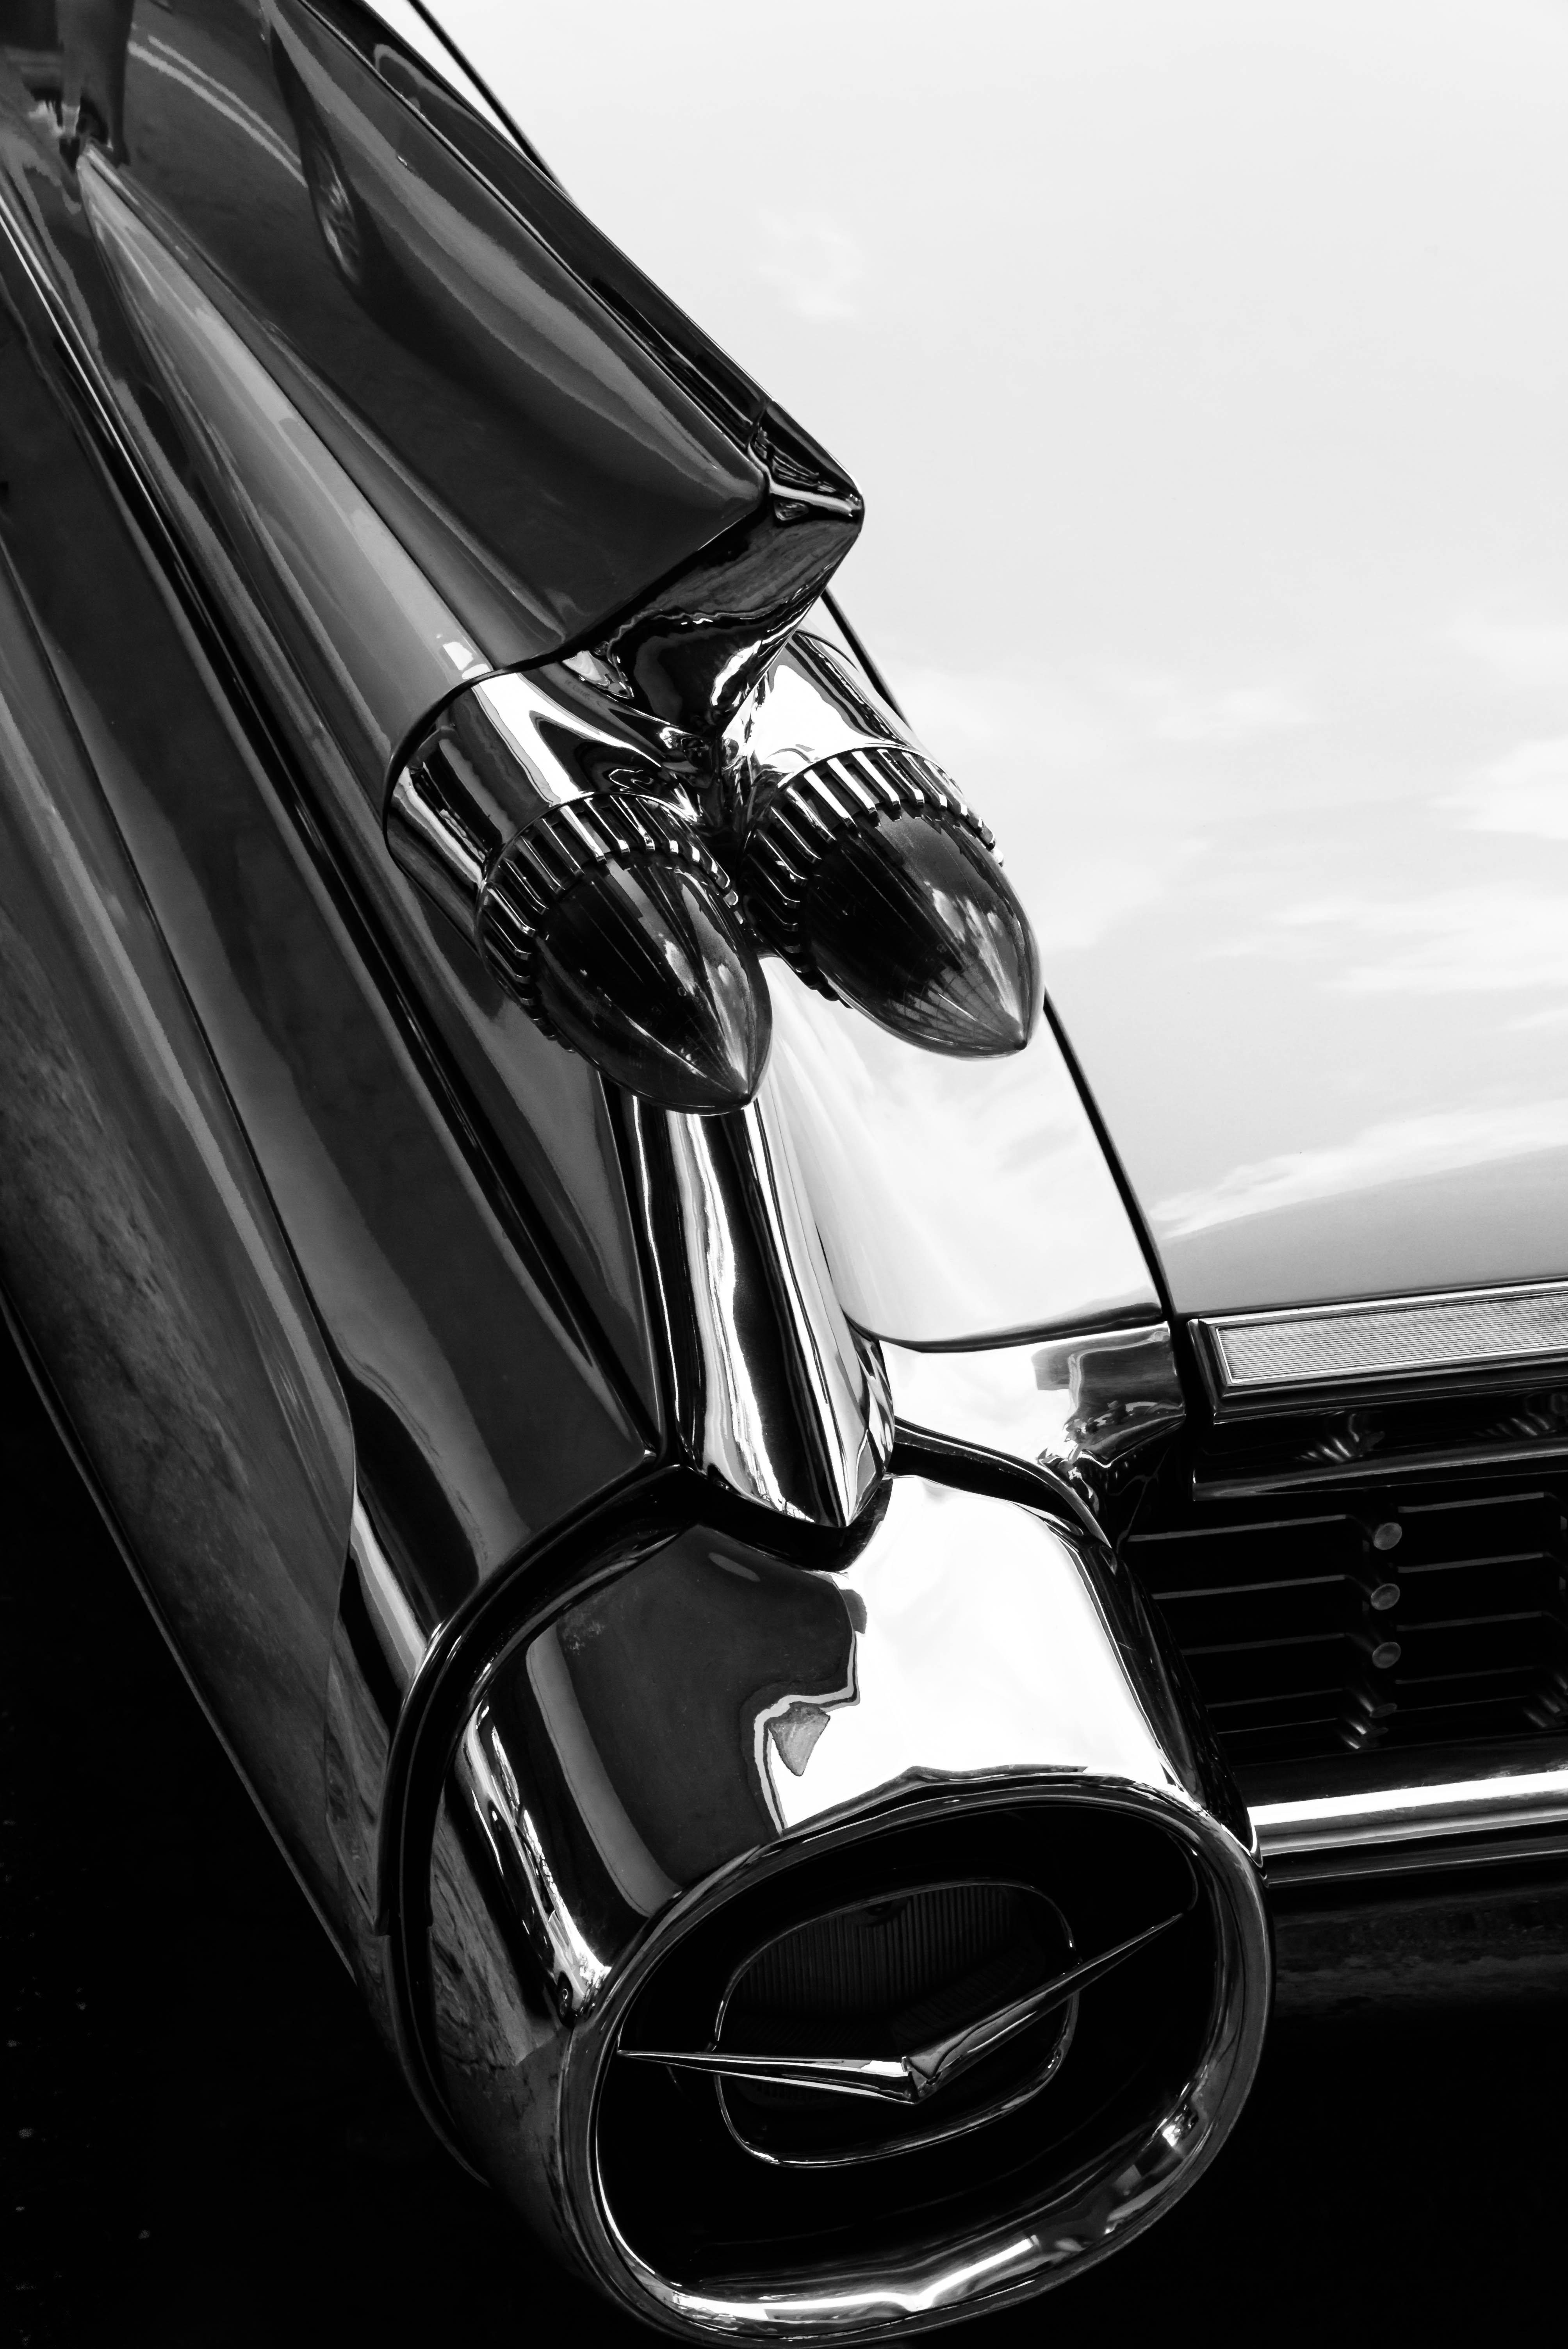 Free black and white wheel show nikon vintage car